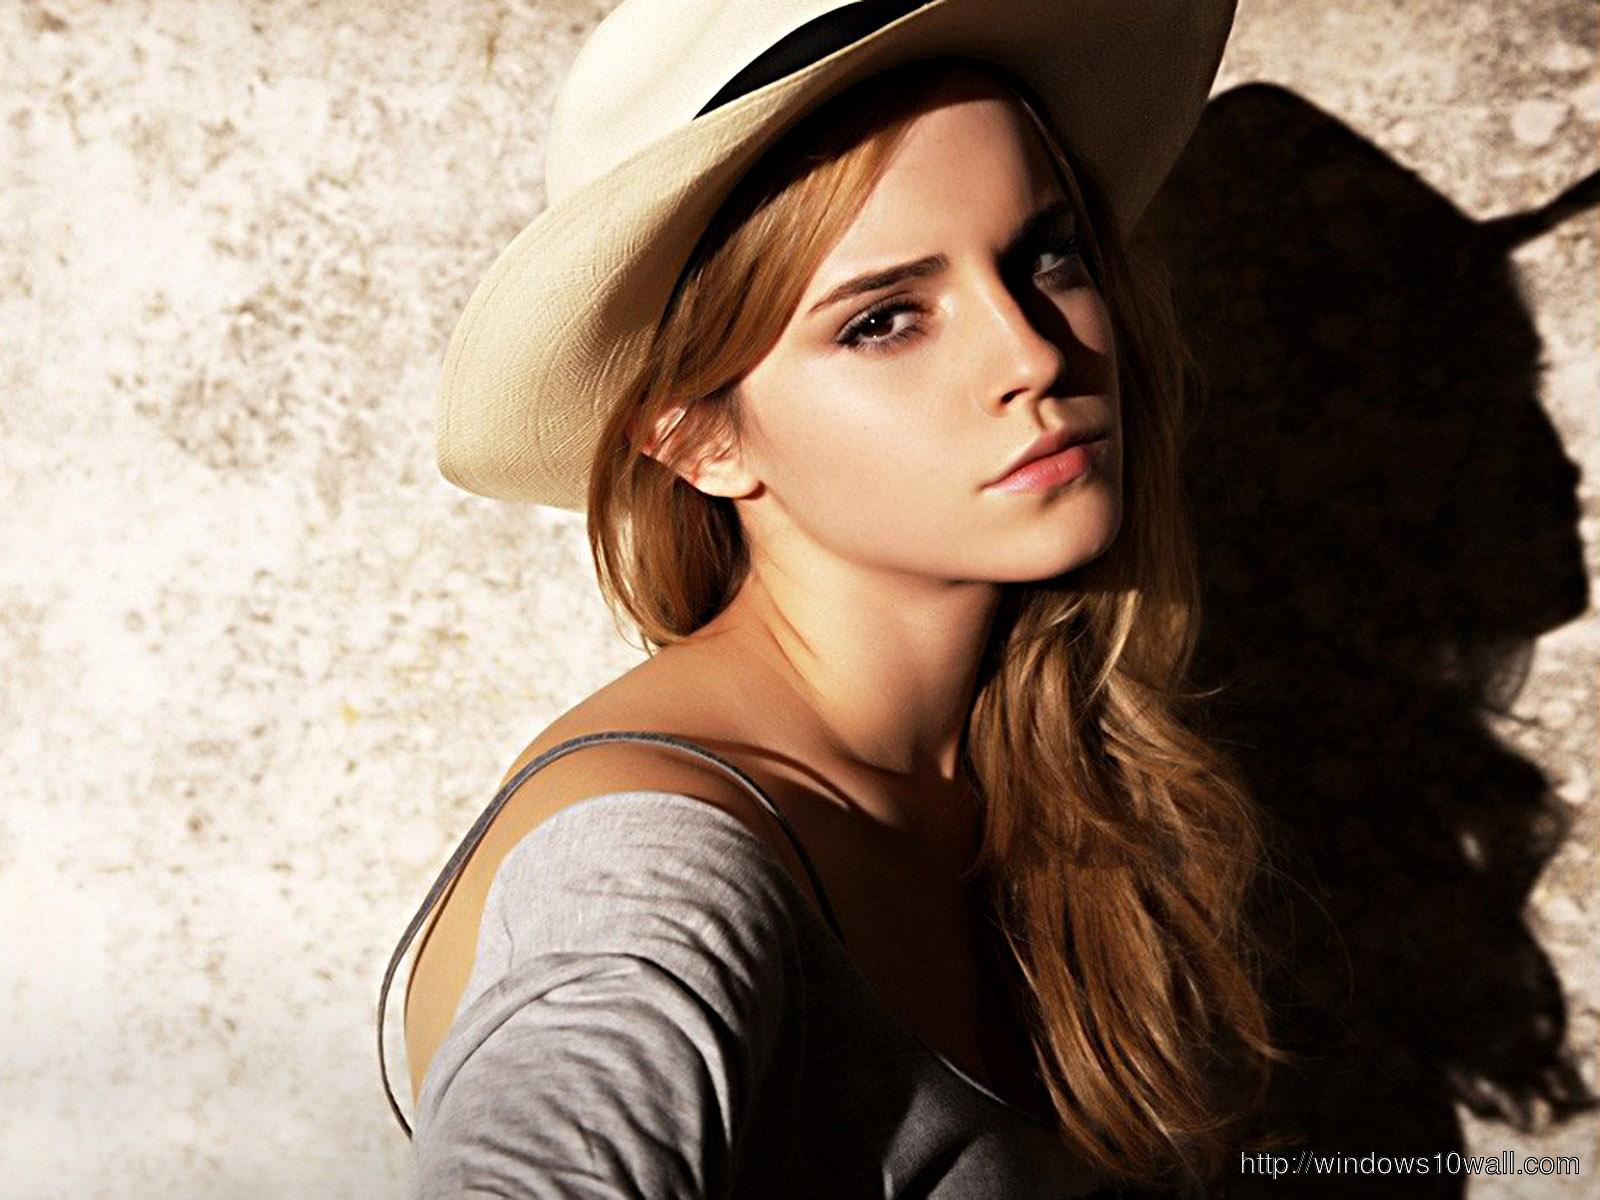 emma-watson-cute-look-in-hat-hd-Wallpaper